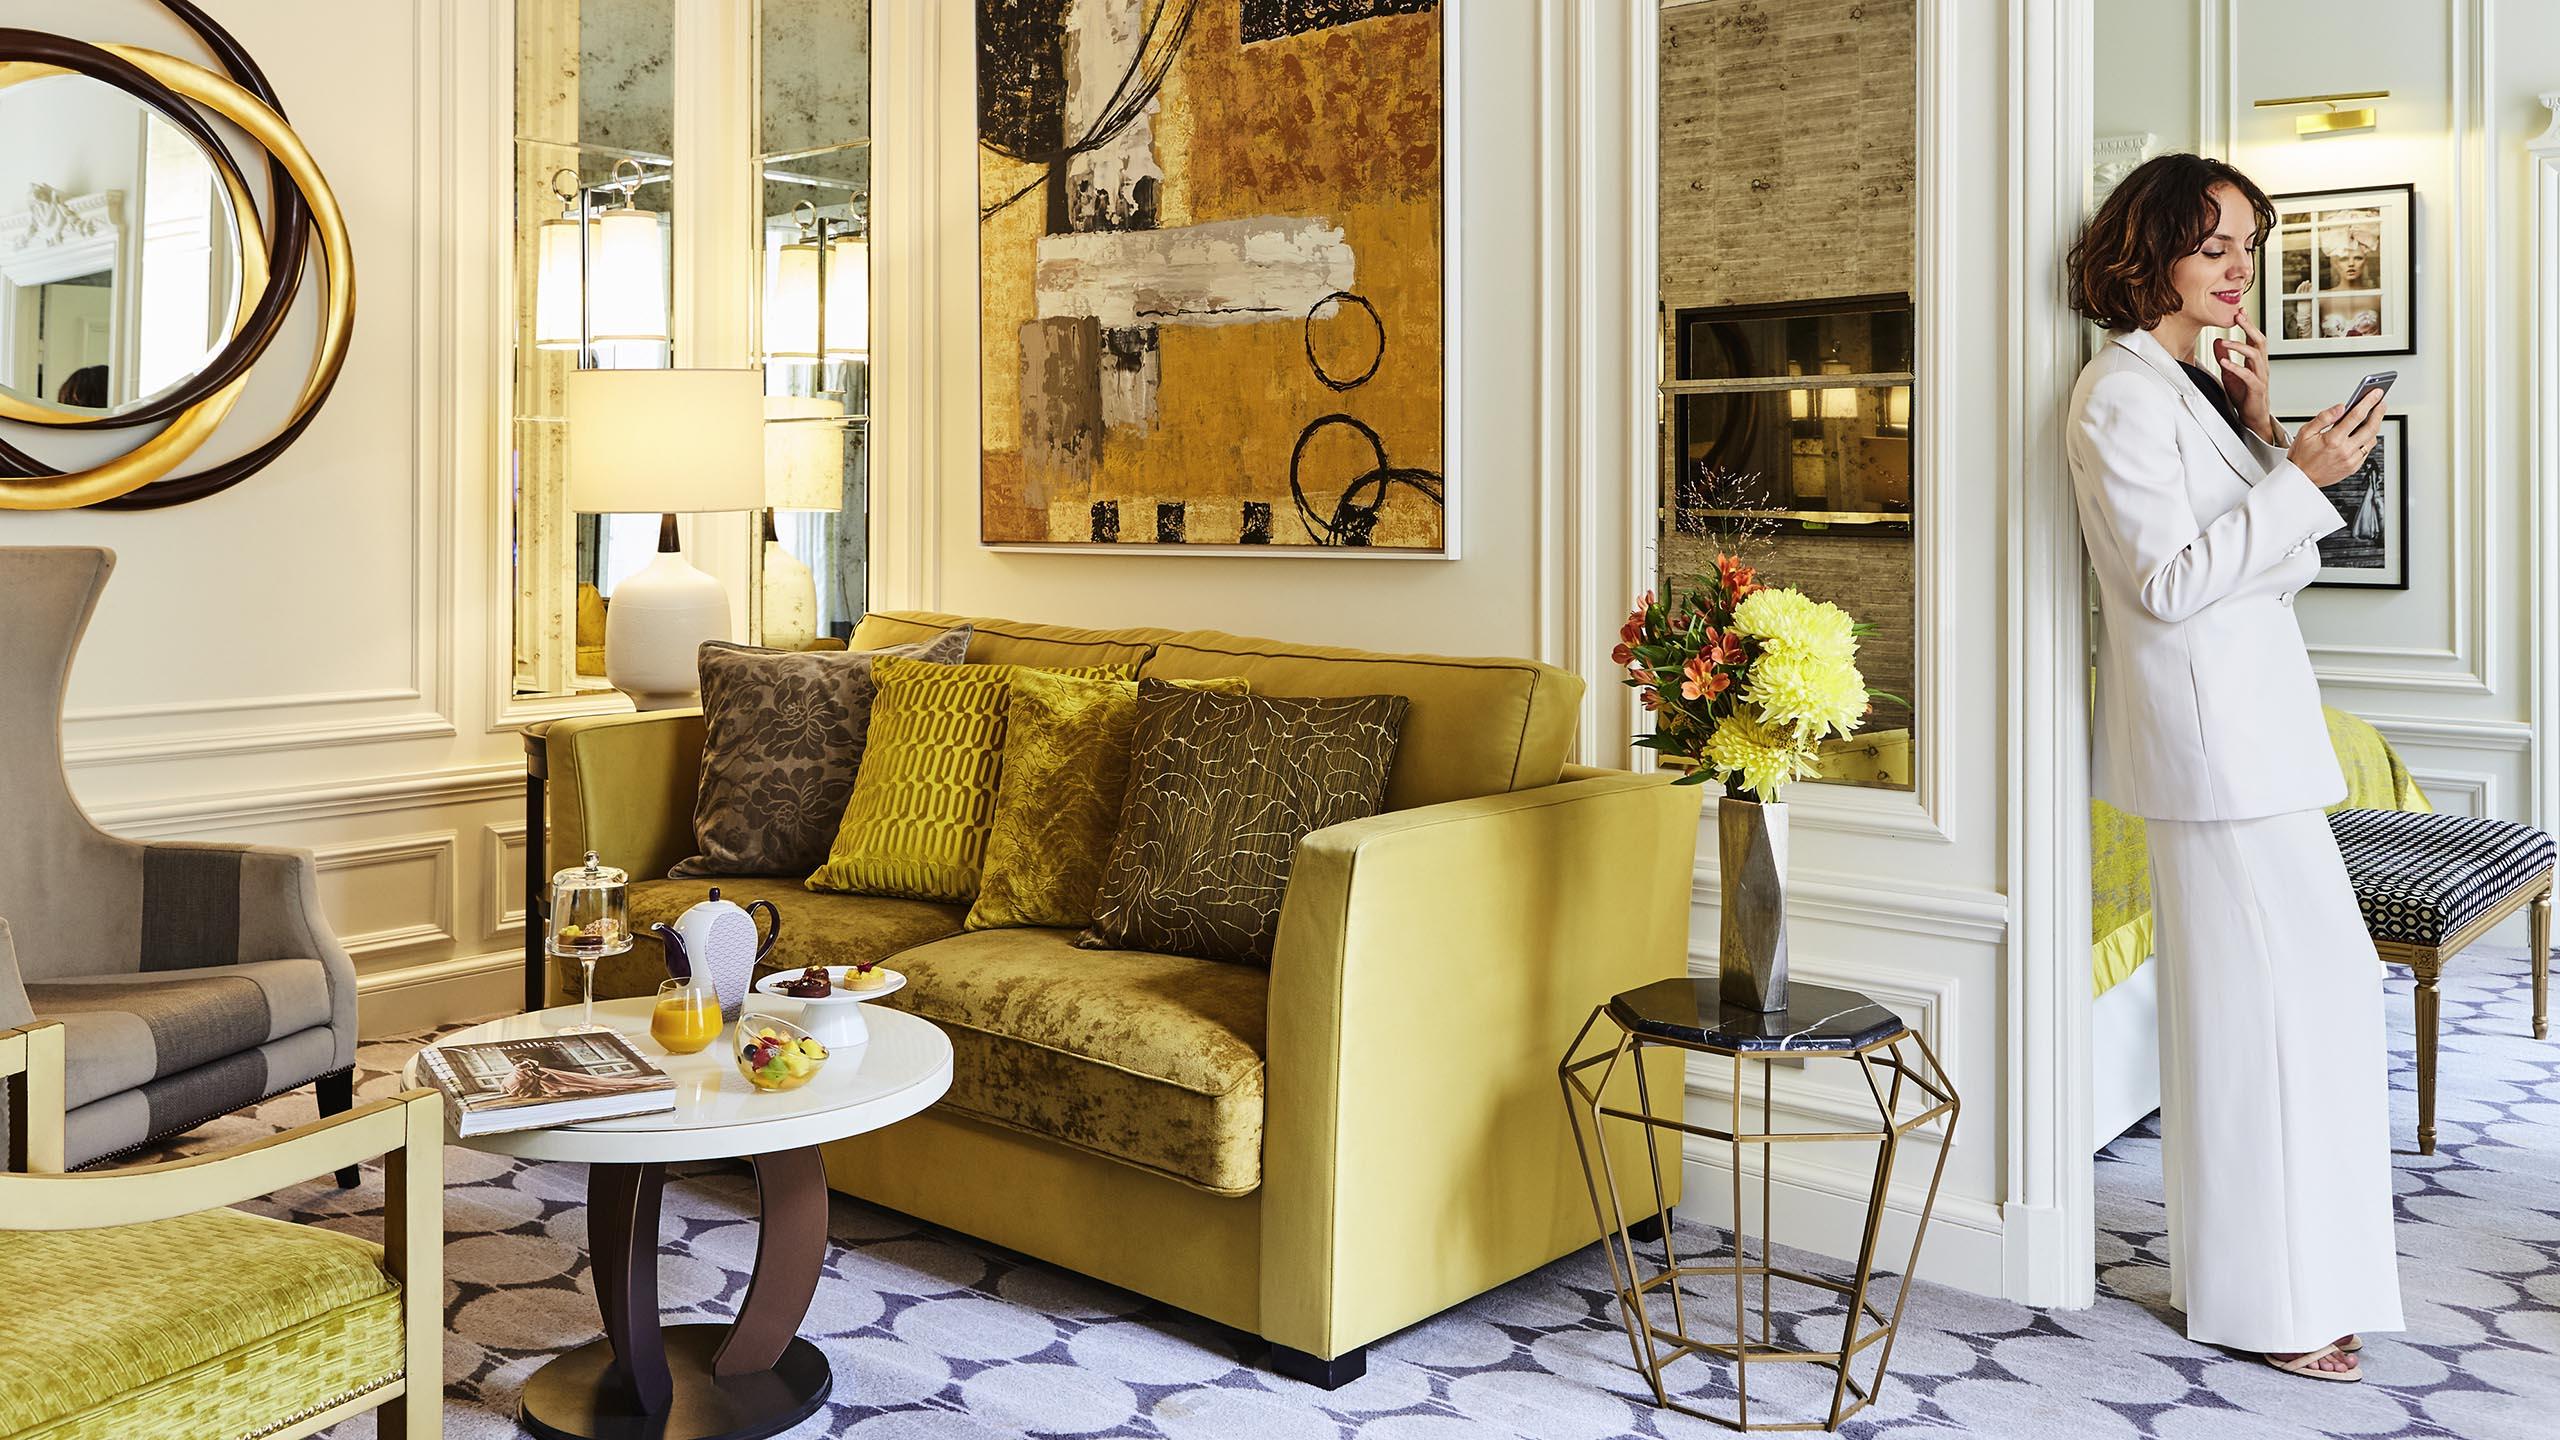 Luxury hotel PARIS – Sofitel Paris Le Faubourg